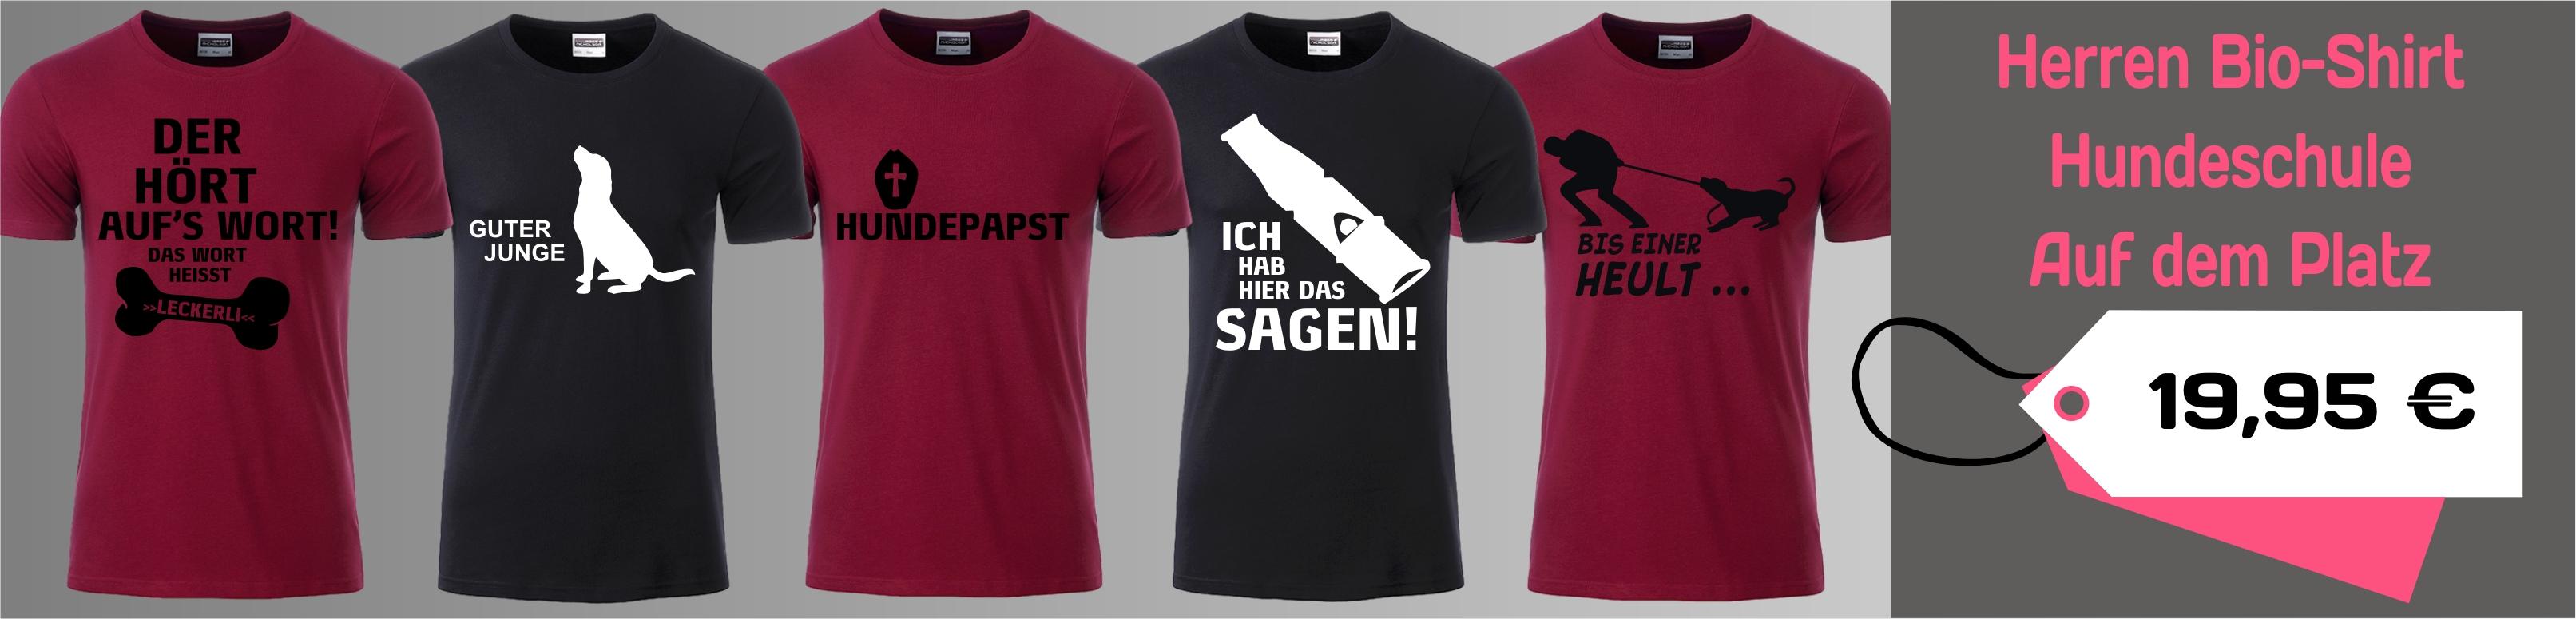 /fuer-herrchen/t-shirts/themenspezifisch.html?filter_spruchmotiv=241